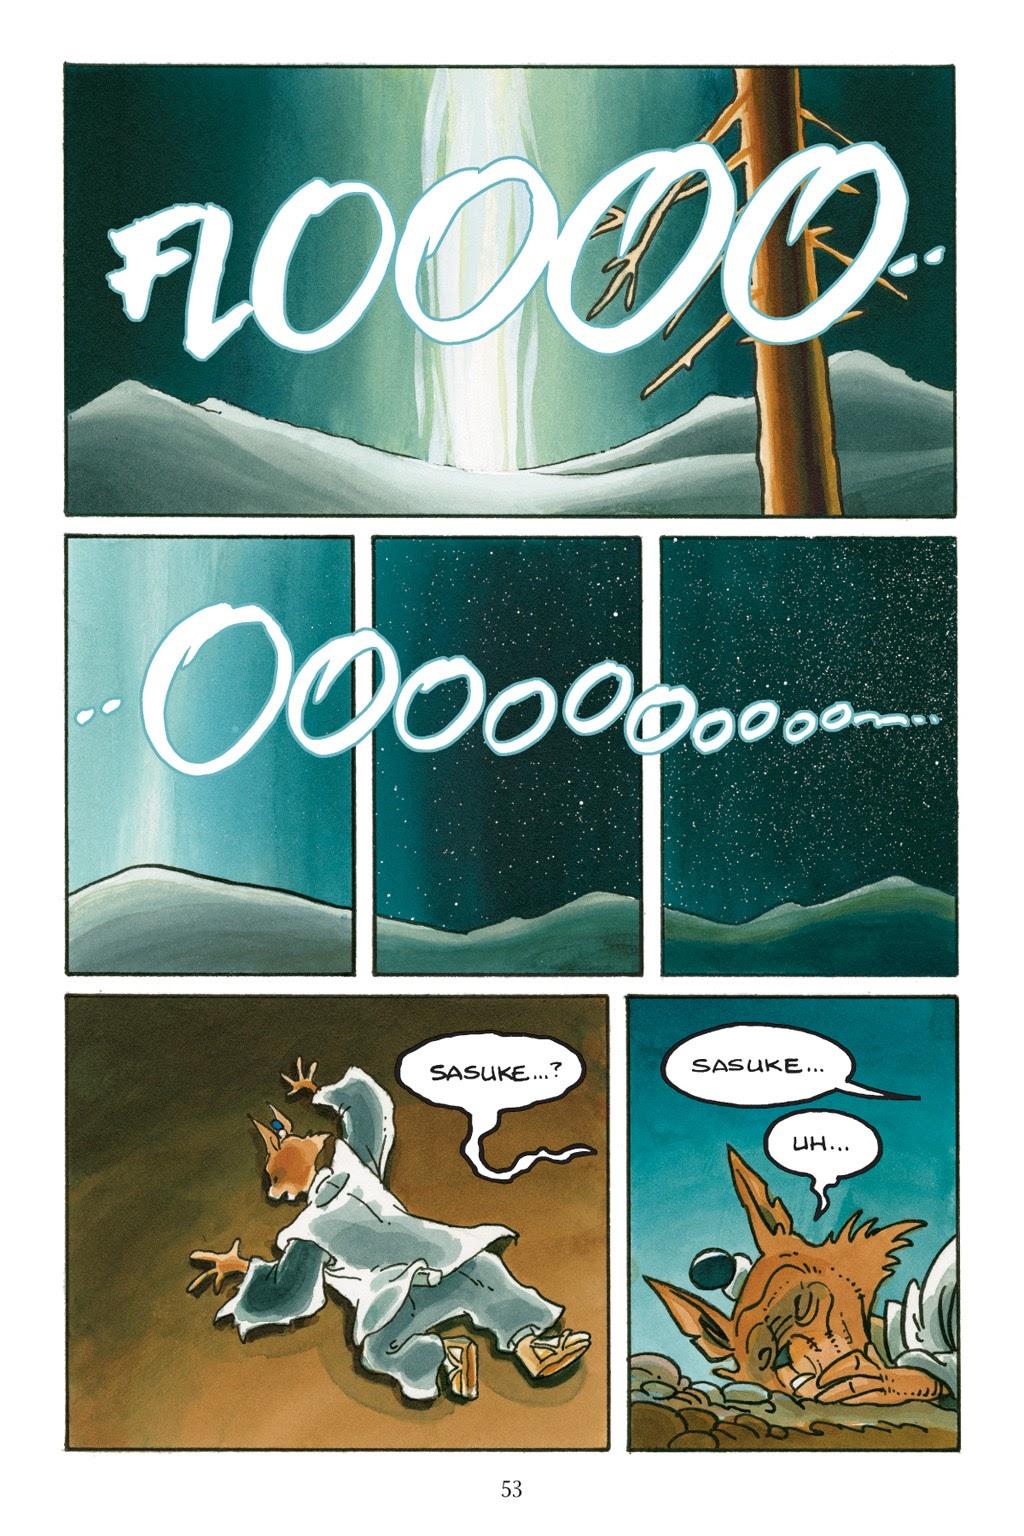 Read online Usagi Yojimbo: Yokai comic -  Issue # Full - 50